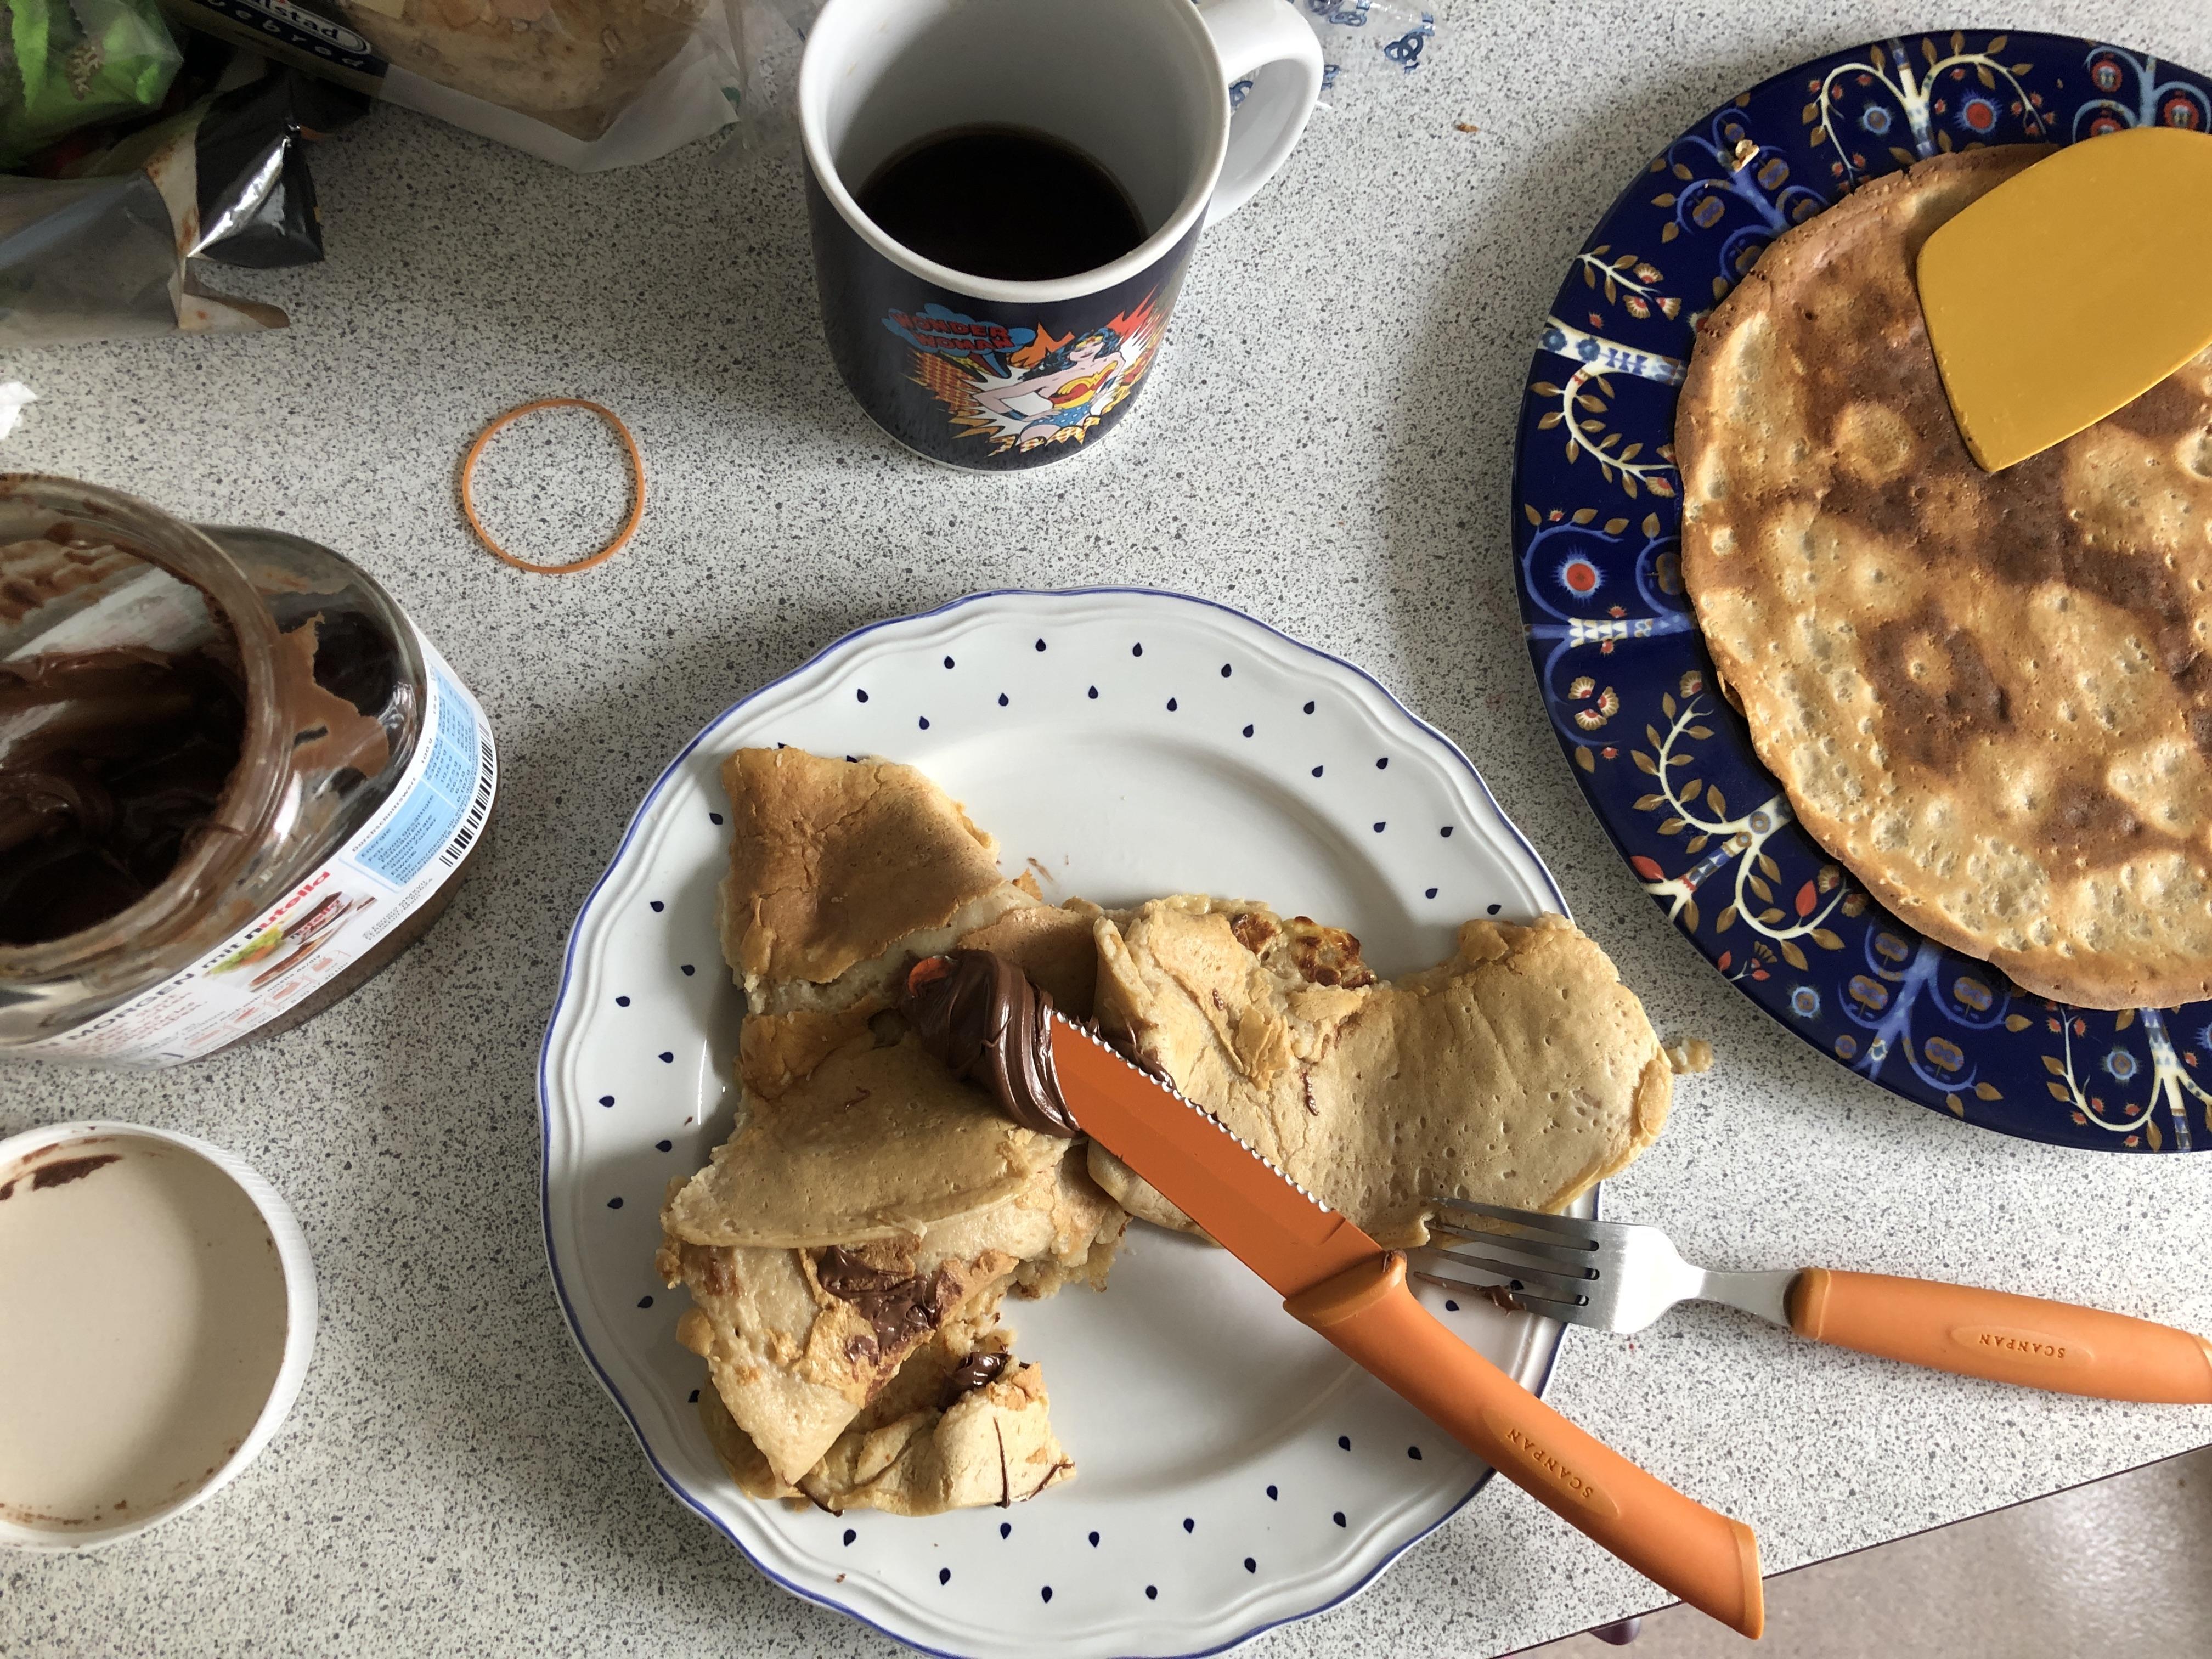 Pandekager og Nutella når verden er dum